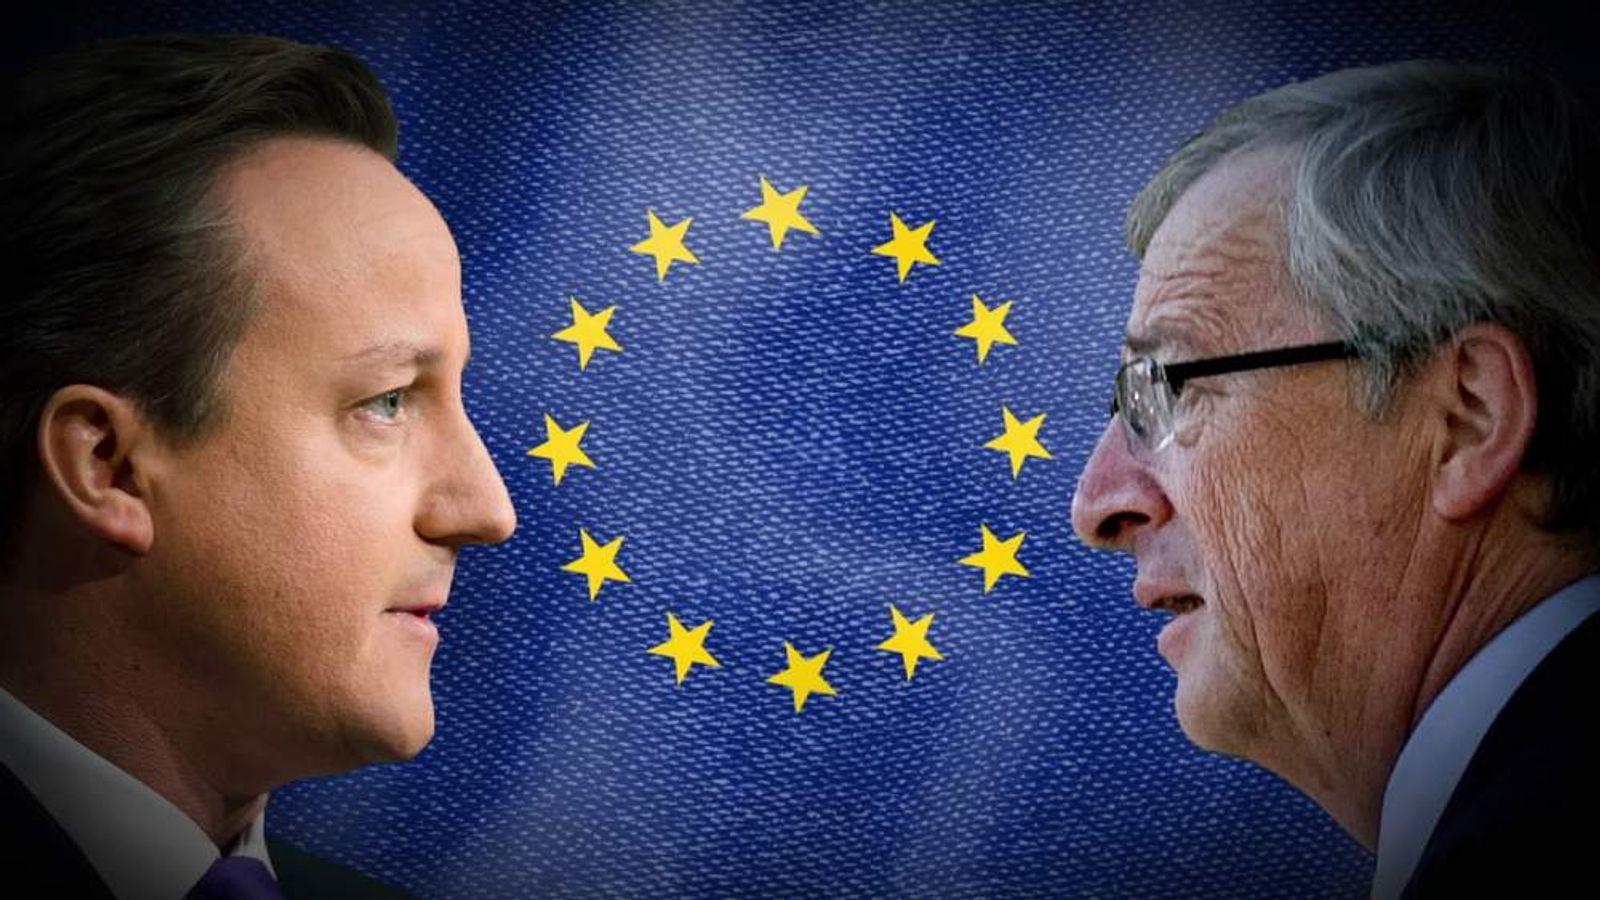 David Cameron and Jean-Claude Juncker